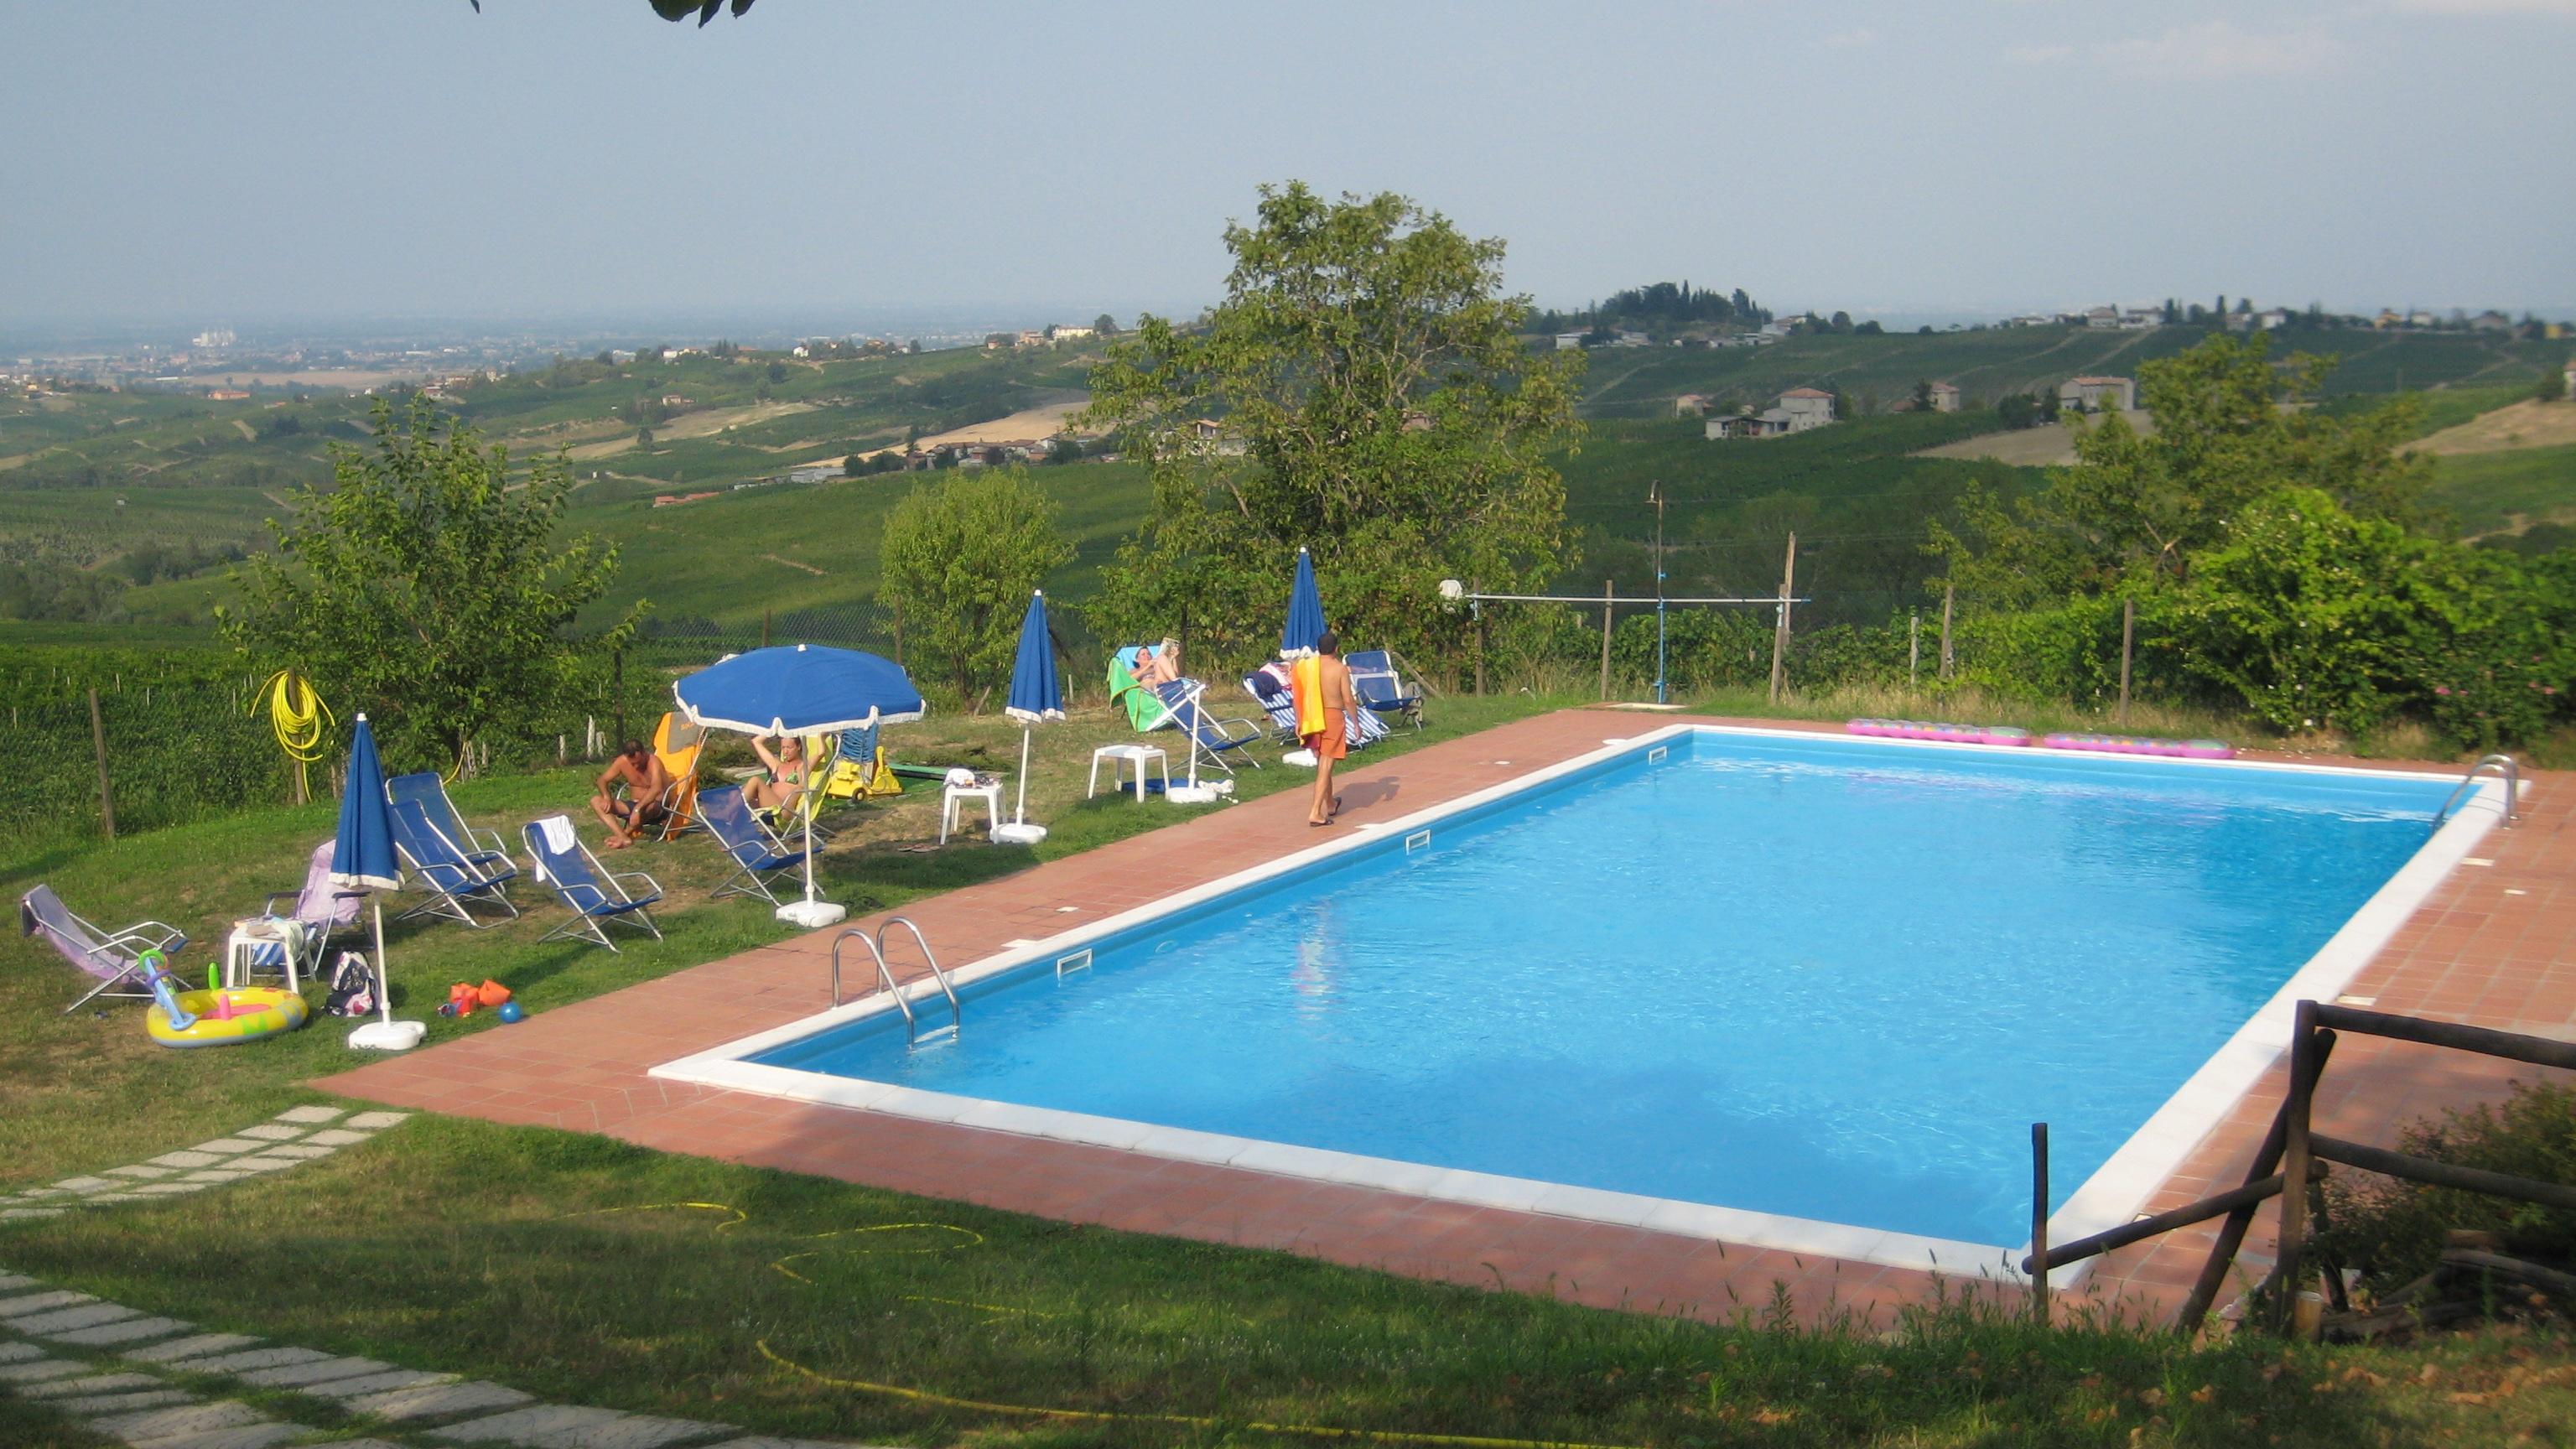 Agriturismo con piscina agriturismo lombardia - Agriturismo napoli con piscina ...